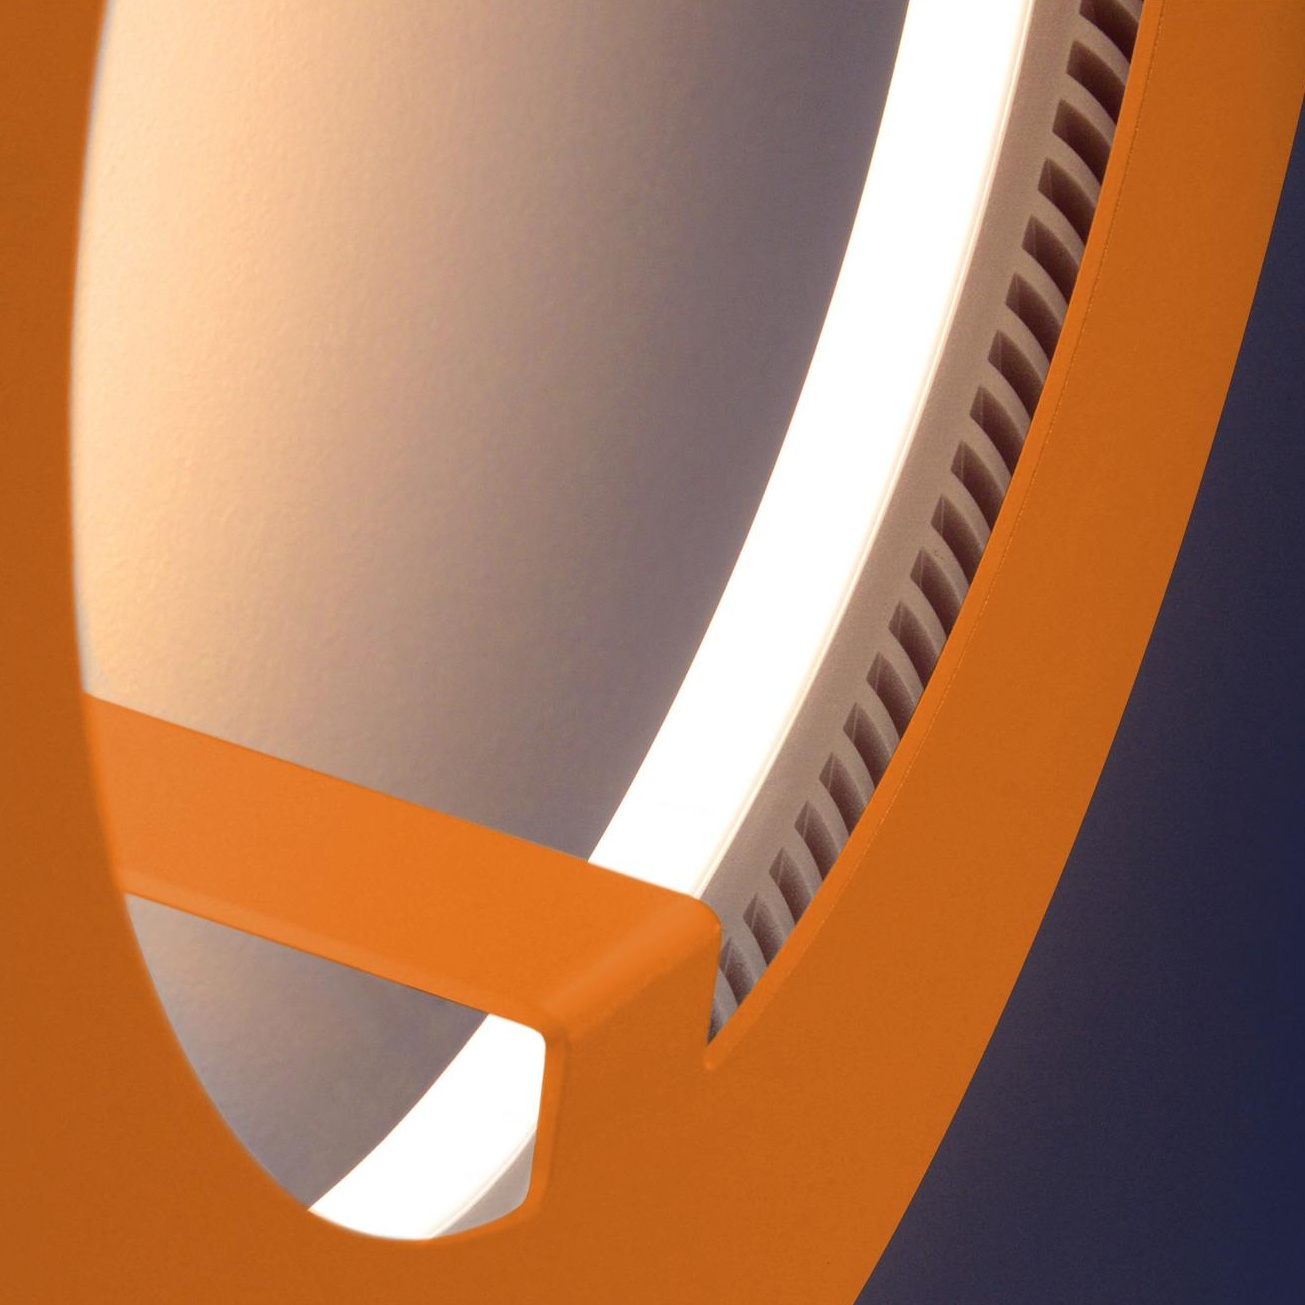 Radius - Absolut Circle LED - Applique murale - orange/dimmable/2300-2500K/Ø 33cm x 13cm